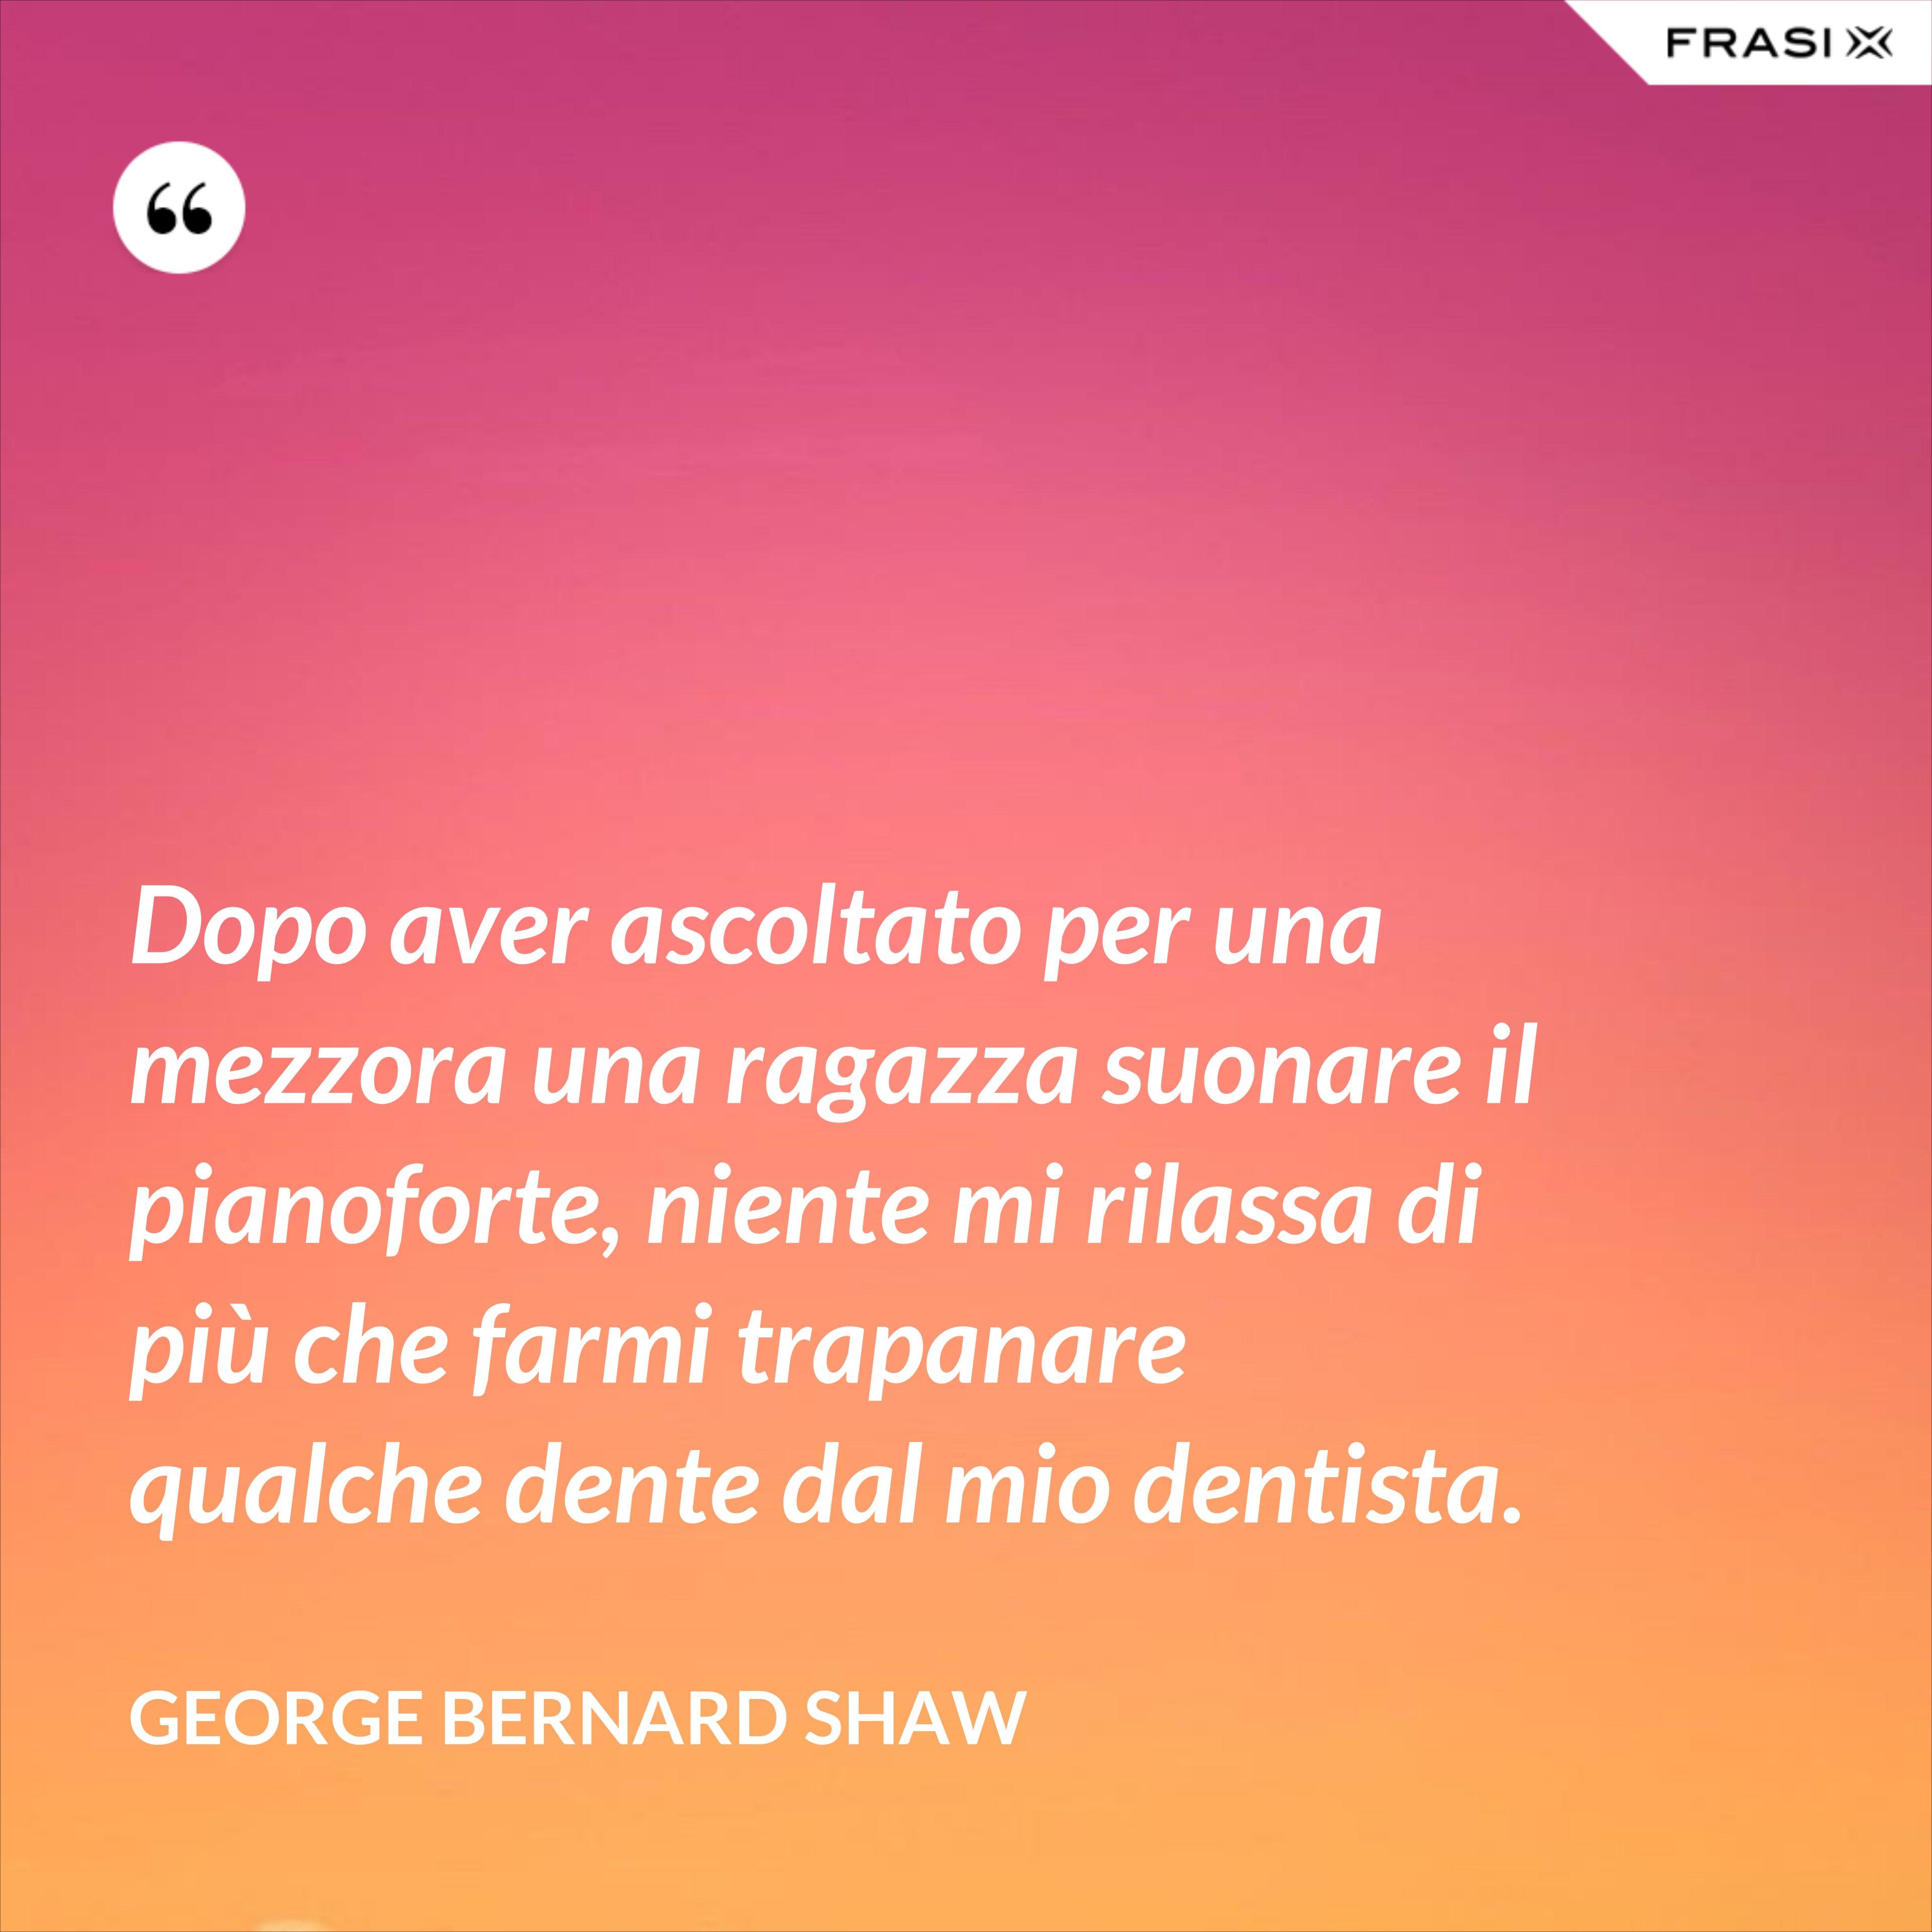 Dopo aver ascoltato per una mezzora una ragazza suonare il pianoforte, niente mi rilassa di più che farmi trapanare qualche dente dal mio dentista. - George Bernard Shaw